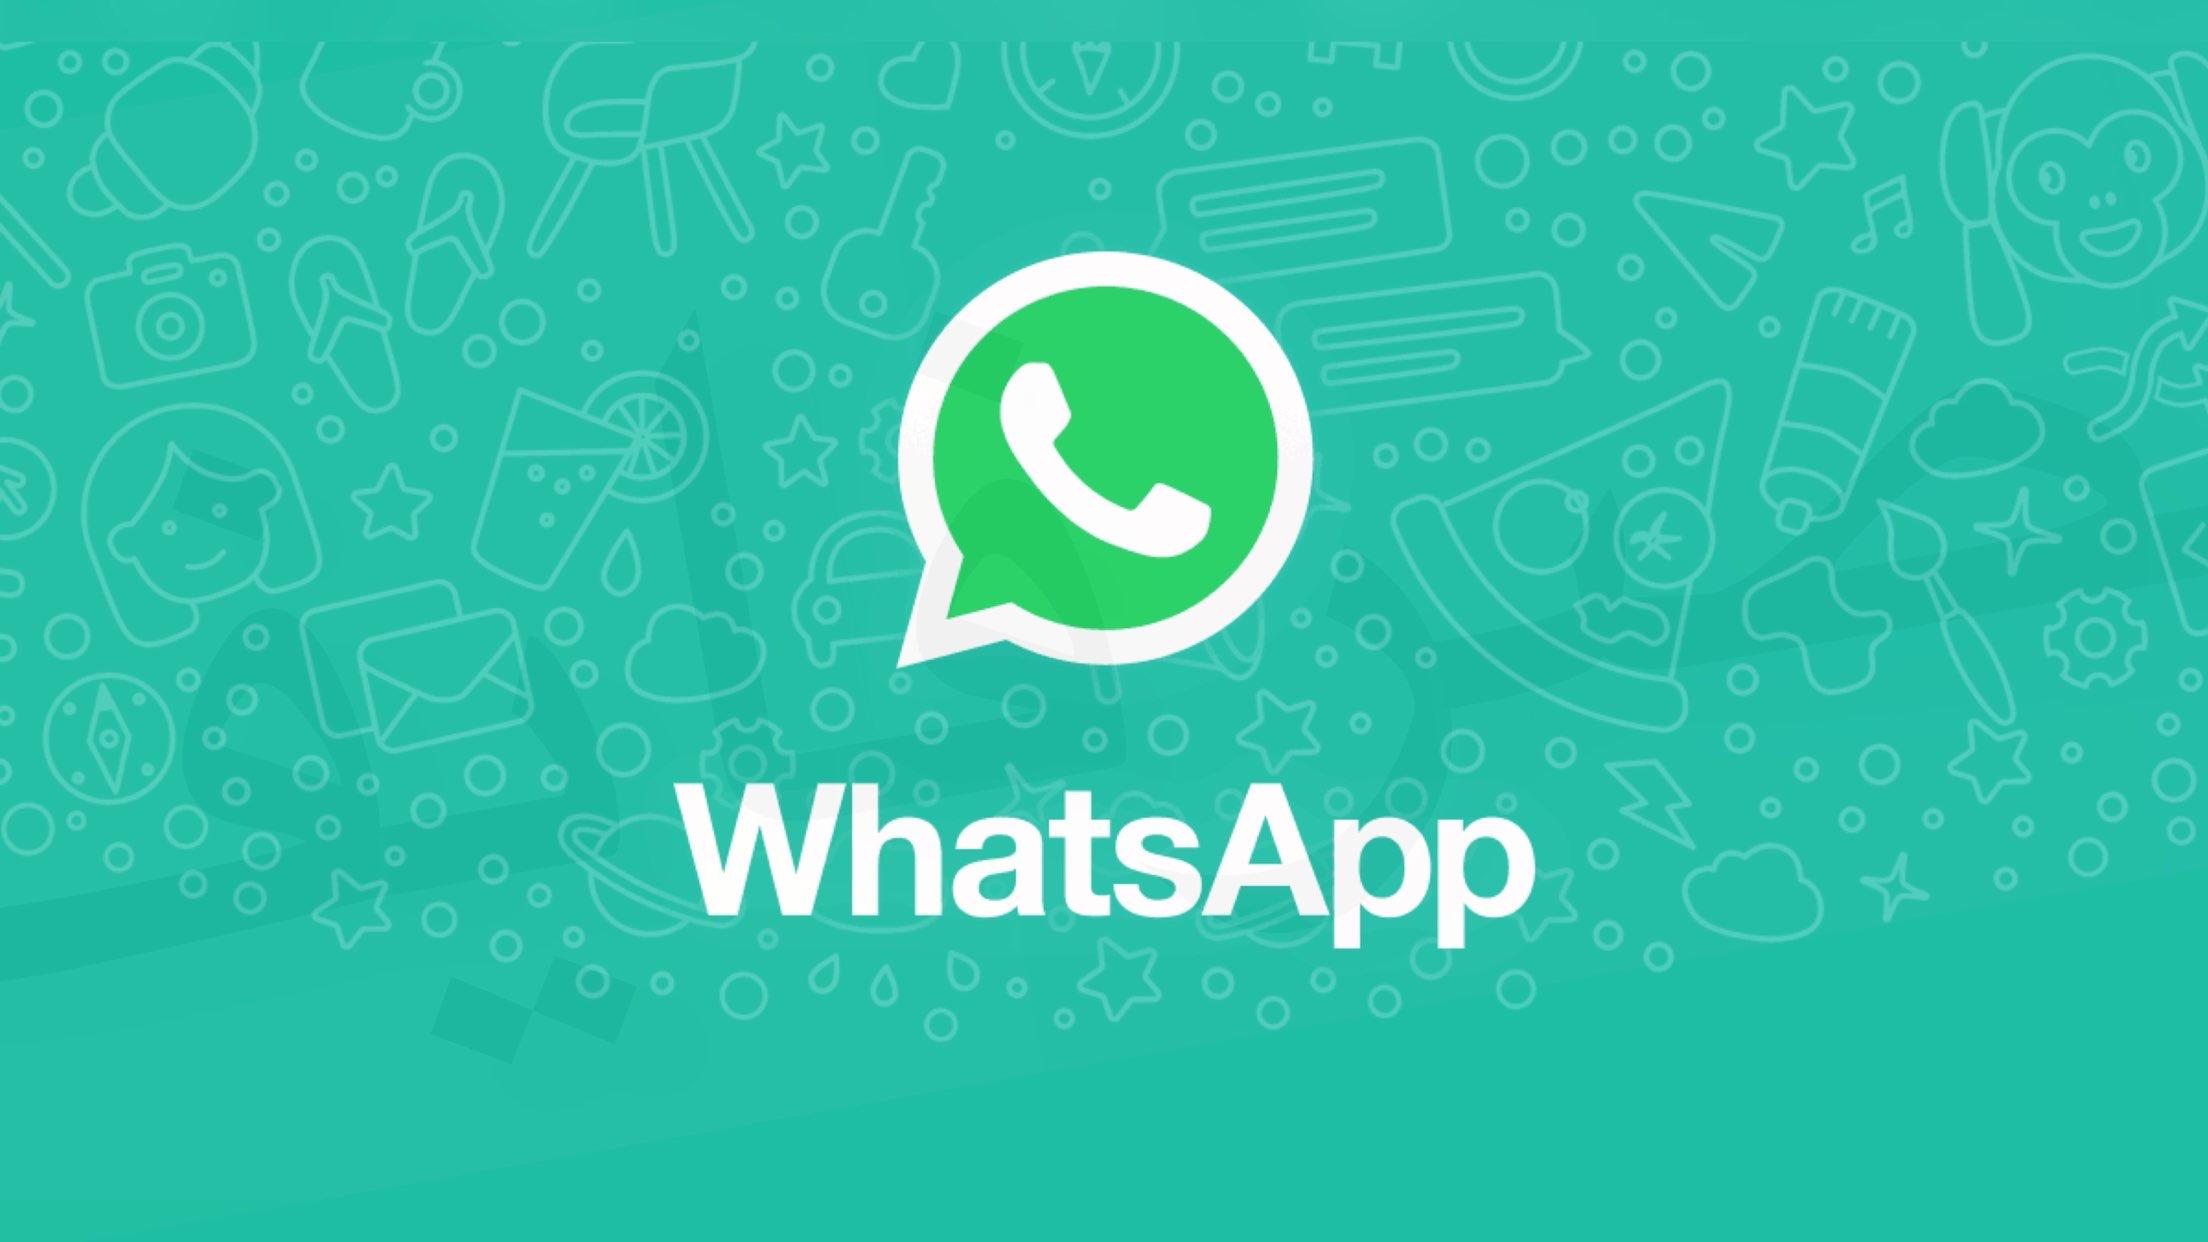 واتساب يحذر مستخدميه من ارتكاب هذه الاخطاء! وخطوات كشف التجسس على WhatsApp